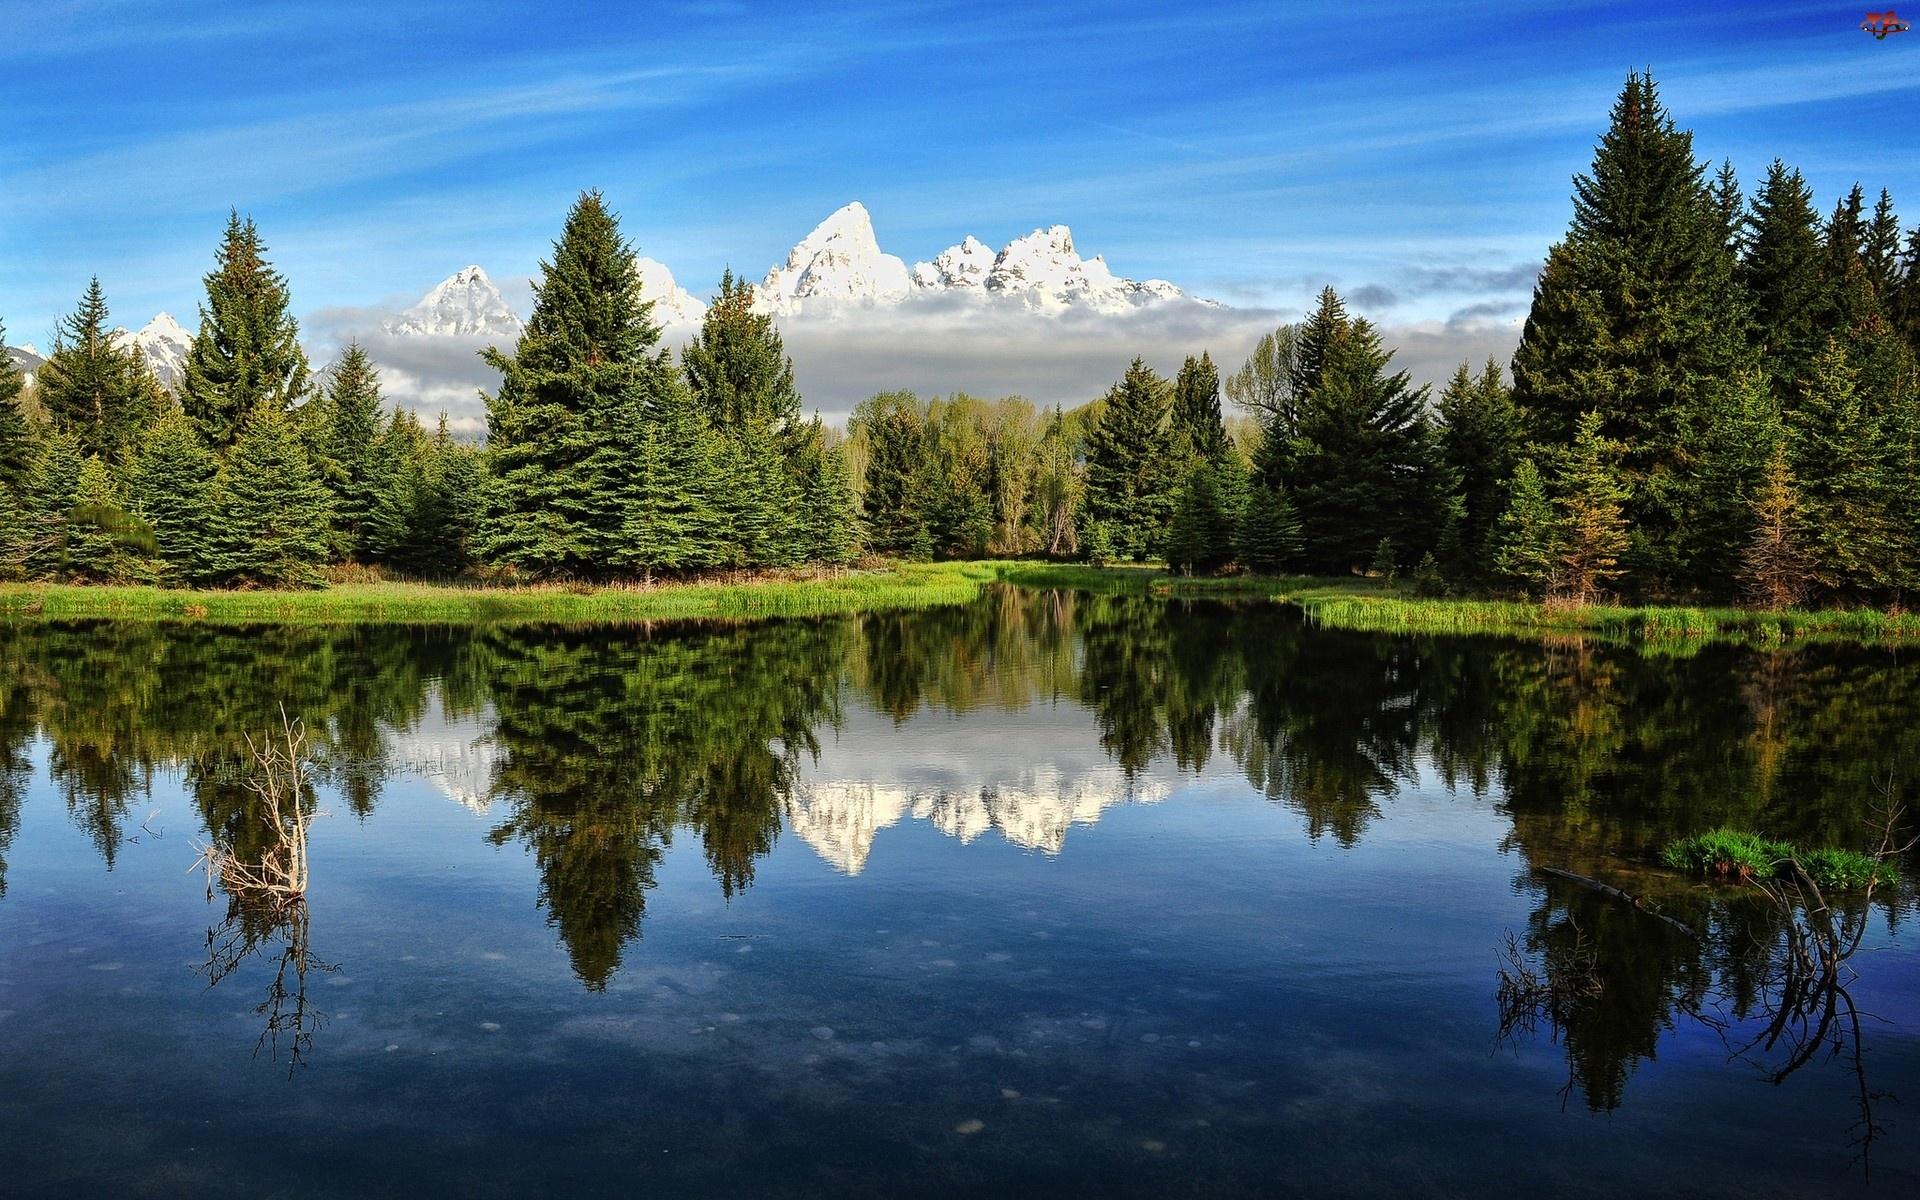 Góry, Niebo, Drzewa, Woda